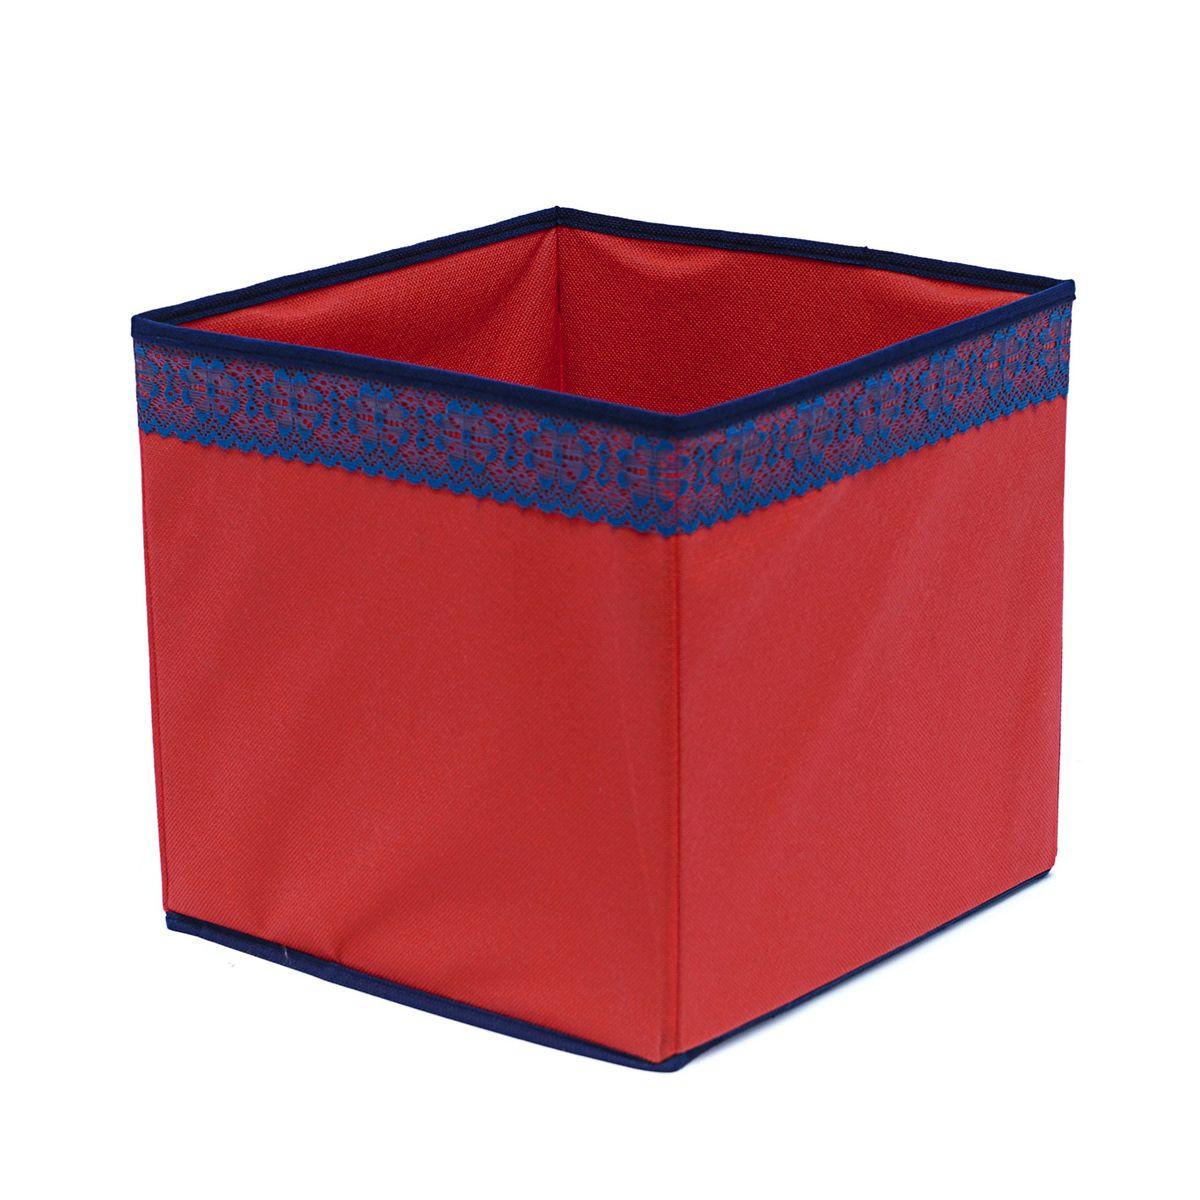 Кофр для хранения Homsu Rosso, 27 х 27 х 27 смHOM-325Кофр для хранения Homsu Rosso изготовлен из высококачественного нетканого полотна и декорирован вставкой из кружева. Кофр имеет одно большое отделение, где вы можете хранить различные бытовые вещи, нижнее белье, одежду и многое другое. Вставки из картона обеспечивают прочность конструкции. Стильный принт, модный цвет и качество исполнения сделают такой кофр незаменимым для хранения ваших вещей.